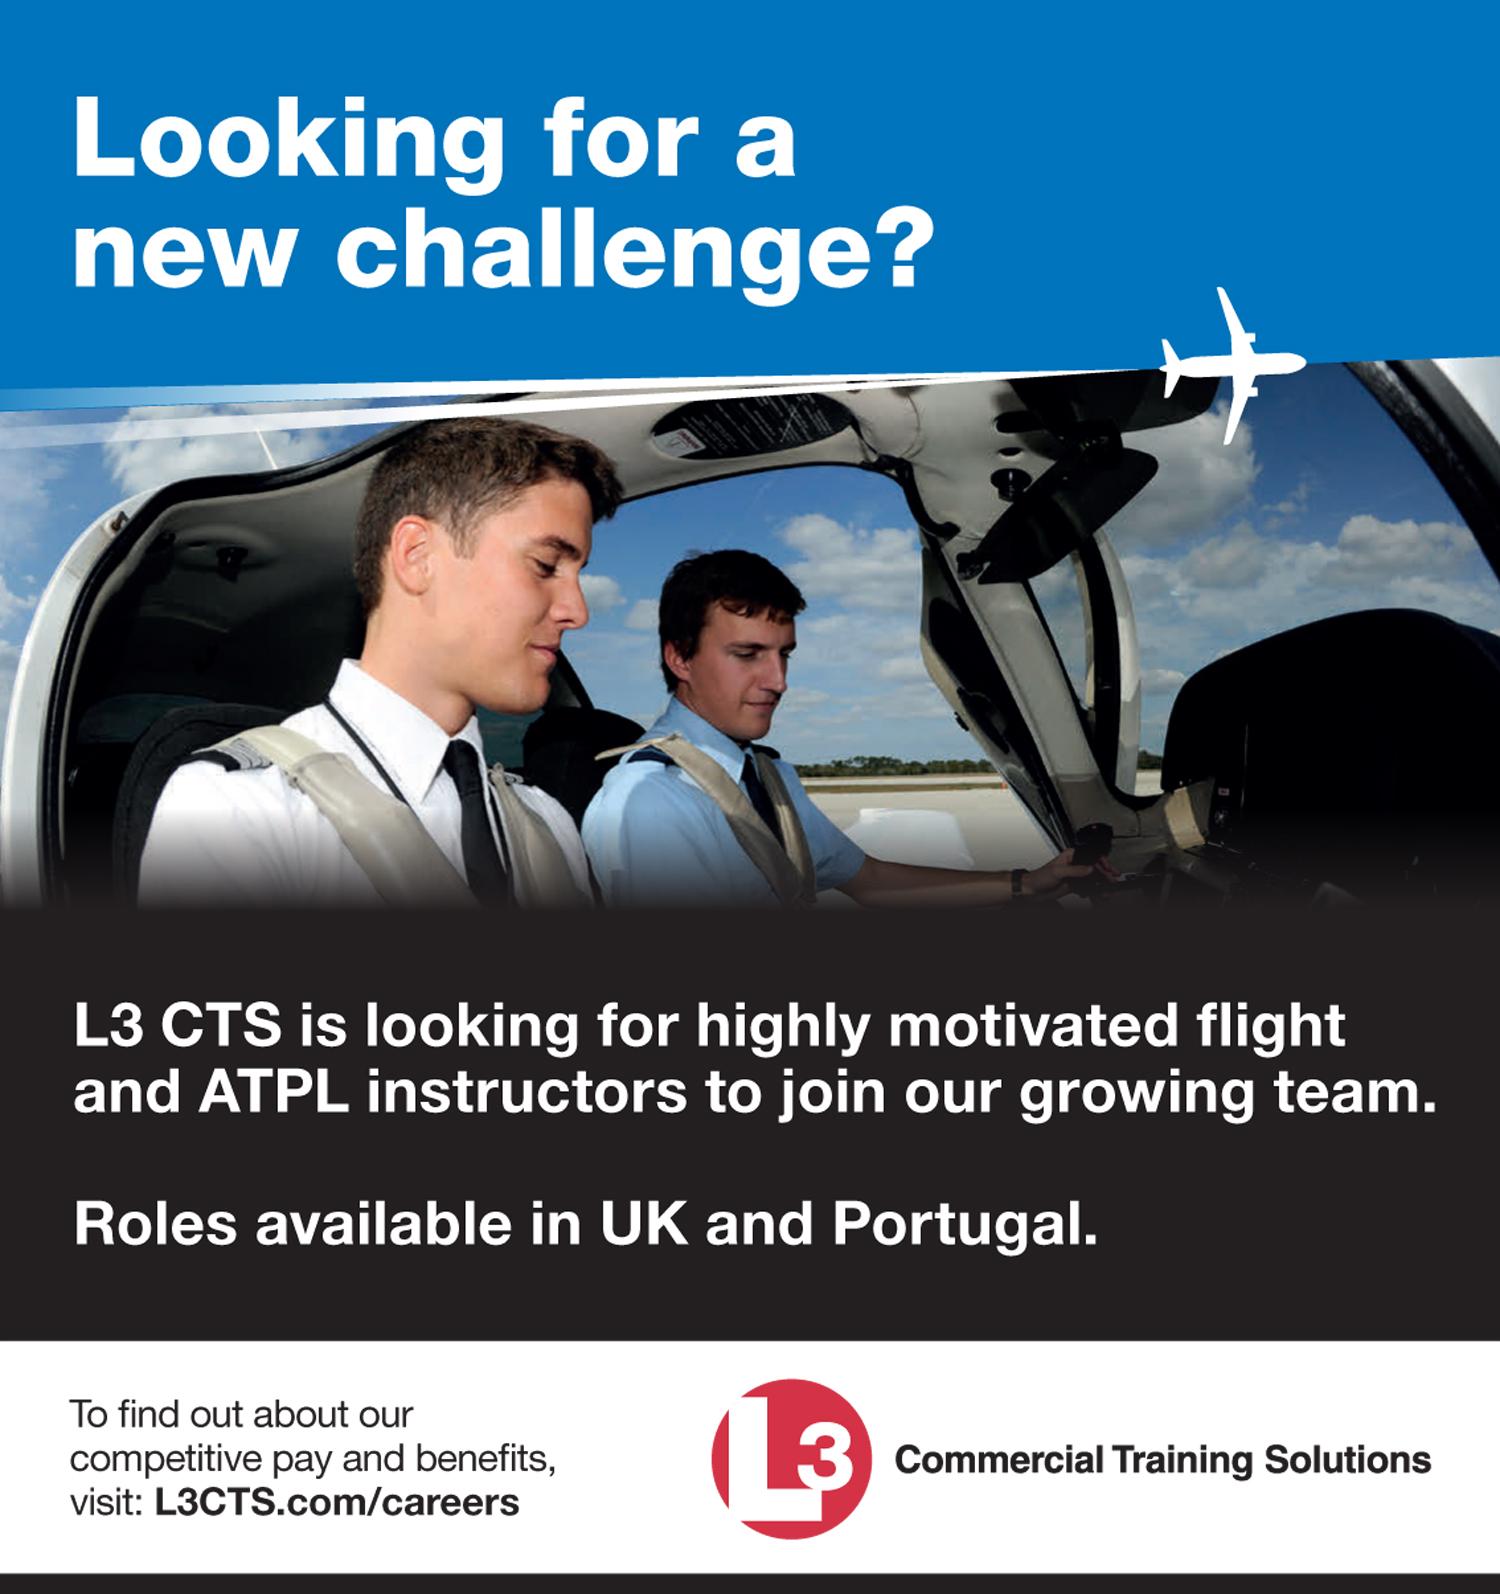 L3 CTS instructors